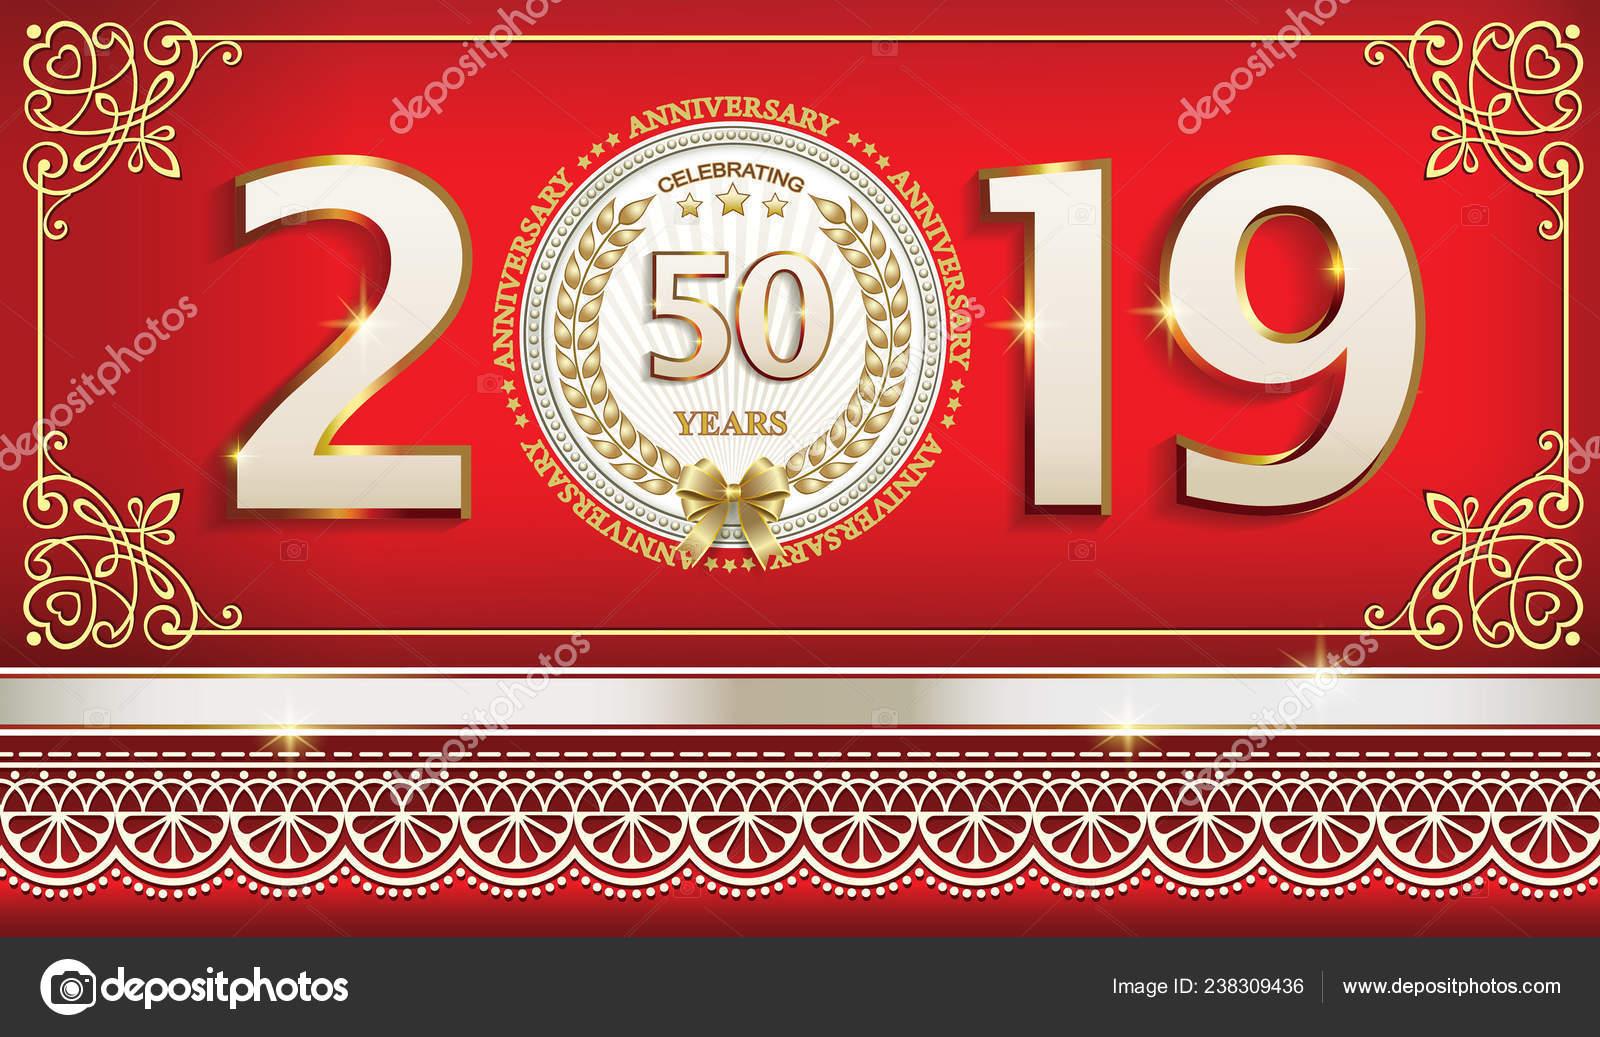 Años Aniversario Cumpleaños Celebraciones Diseño Vectores